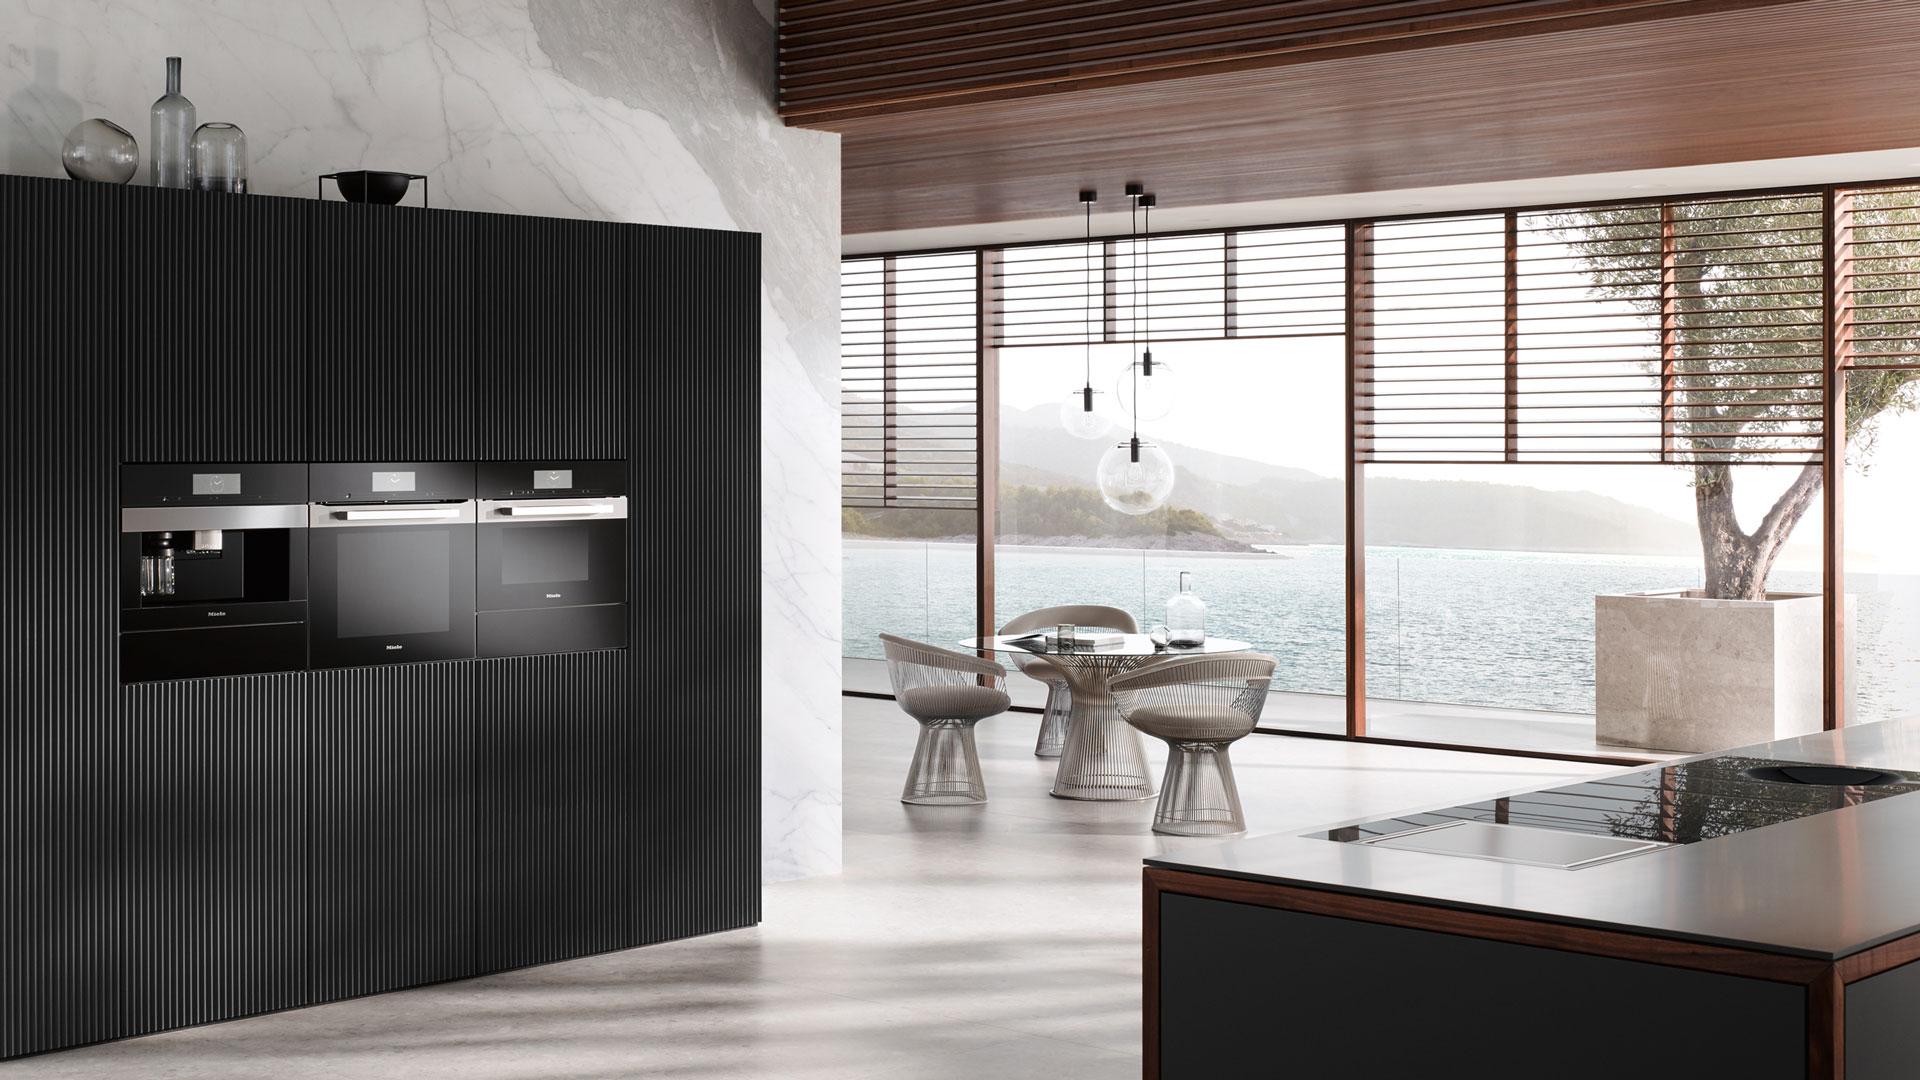 Premium-Einbaugeräte von Miele für Ihre Traumküche - Generation 7000 von Miele bei Miele Center Bauer Wien